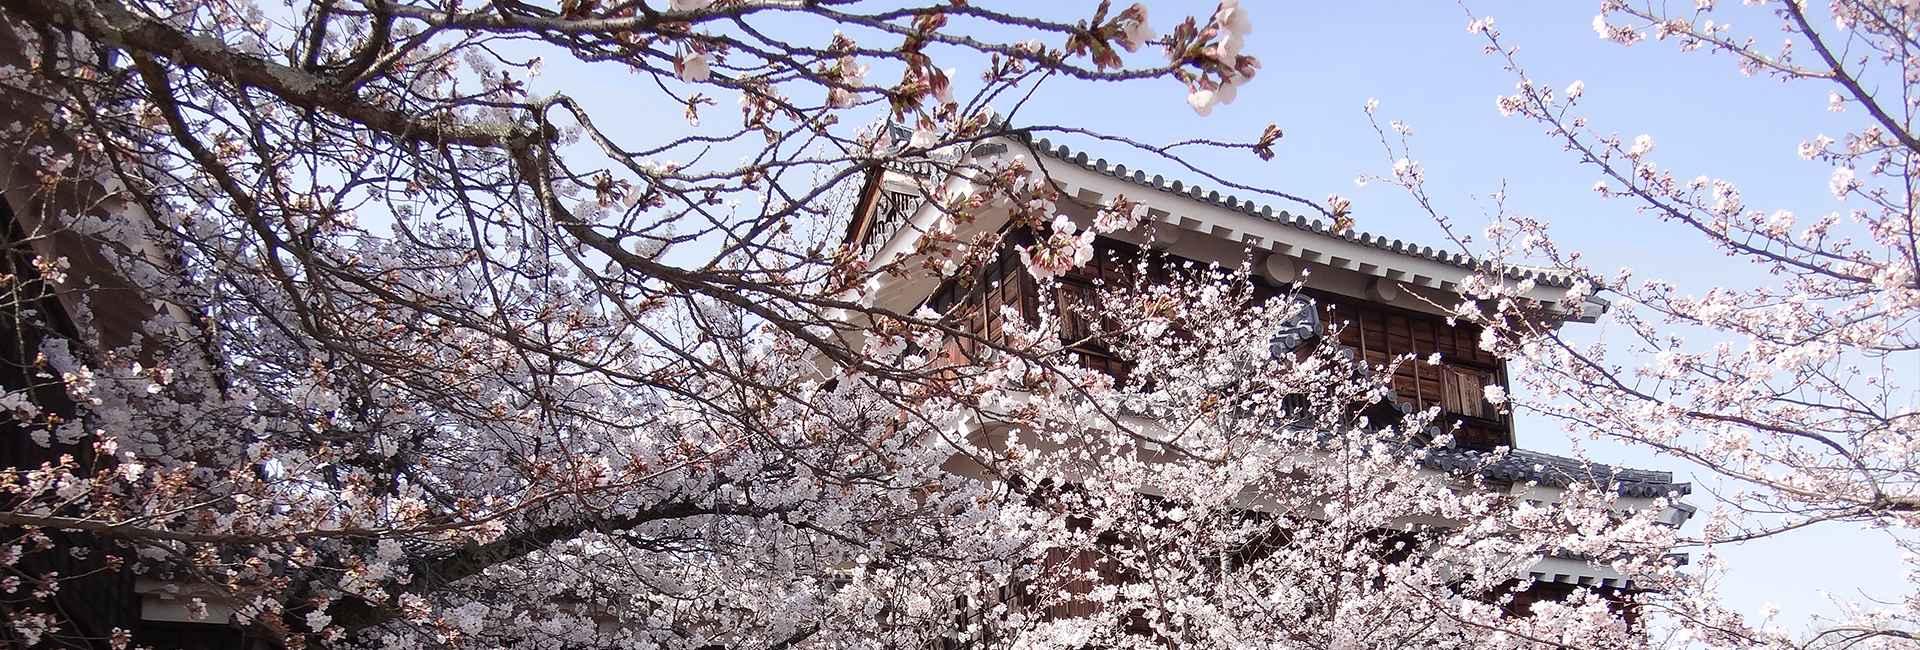 château de Matsuyama et cerisiers en fleurs